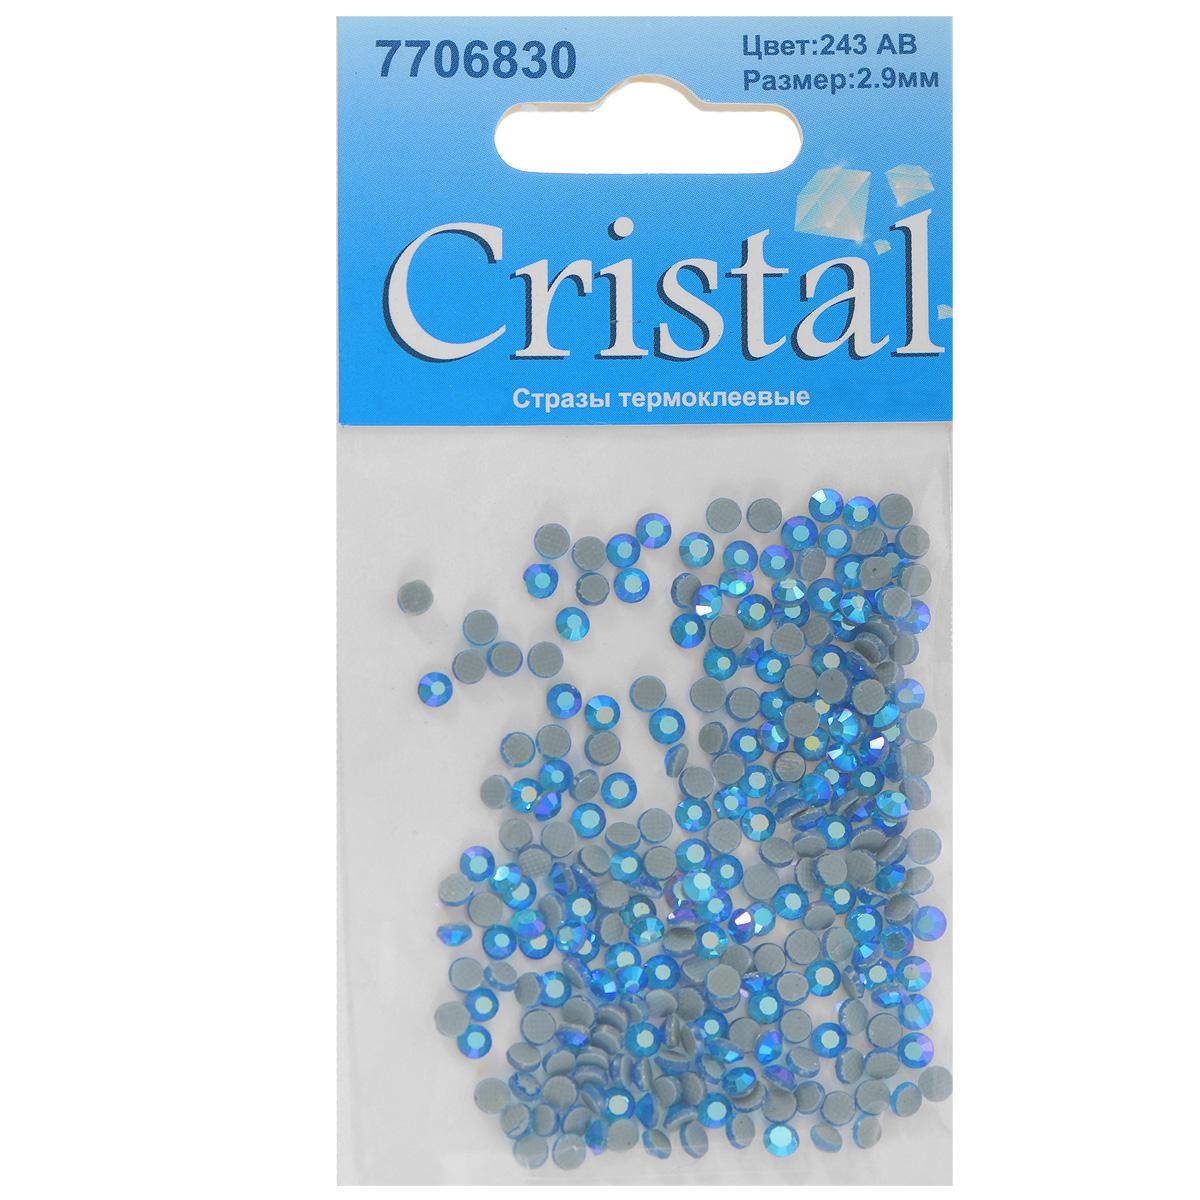 Стразы термоклеевые Cristal, цвет: светло-синий (243АВ), диаметр 2,9 мм, 288 штC0042416Набор термоклеевых страз Cristal, изготовленный из высококачественного акрила, позволит вам украсить одежду, аксессуары или текстиль. Яркие стразы имеют плоское дно и круглую поверхность с гранями.Дно термоклеевых страз уже обработано особым клеем, который под воздействием высоких температур начинает плавиться, приклеиваясь, таким образом, к требуемой поверхности. Чаще всего их используют в текстильной промышленности: стразы прикладывают к ткани и проглаживают утюгом с обратной стороны. Также можно использовать специальный паяльник. Украшение стразами поможет сделать любую вещь оригинальной и неповторимой. Диаметр страз: 2,9 мм.